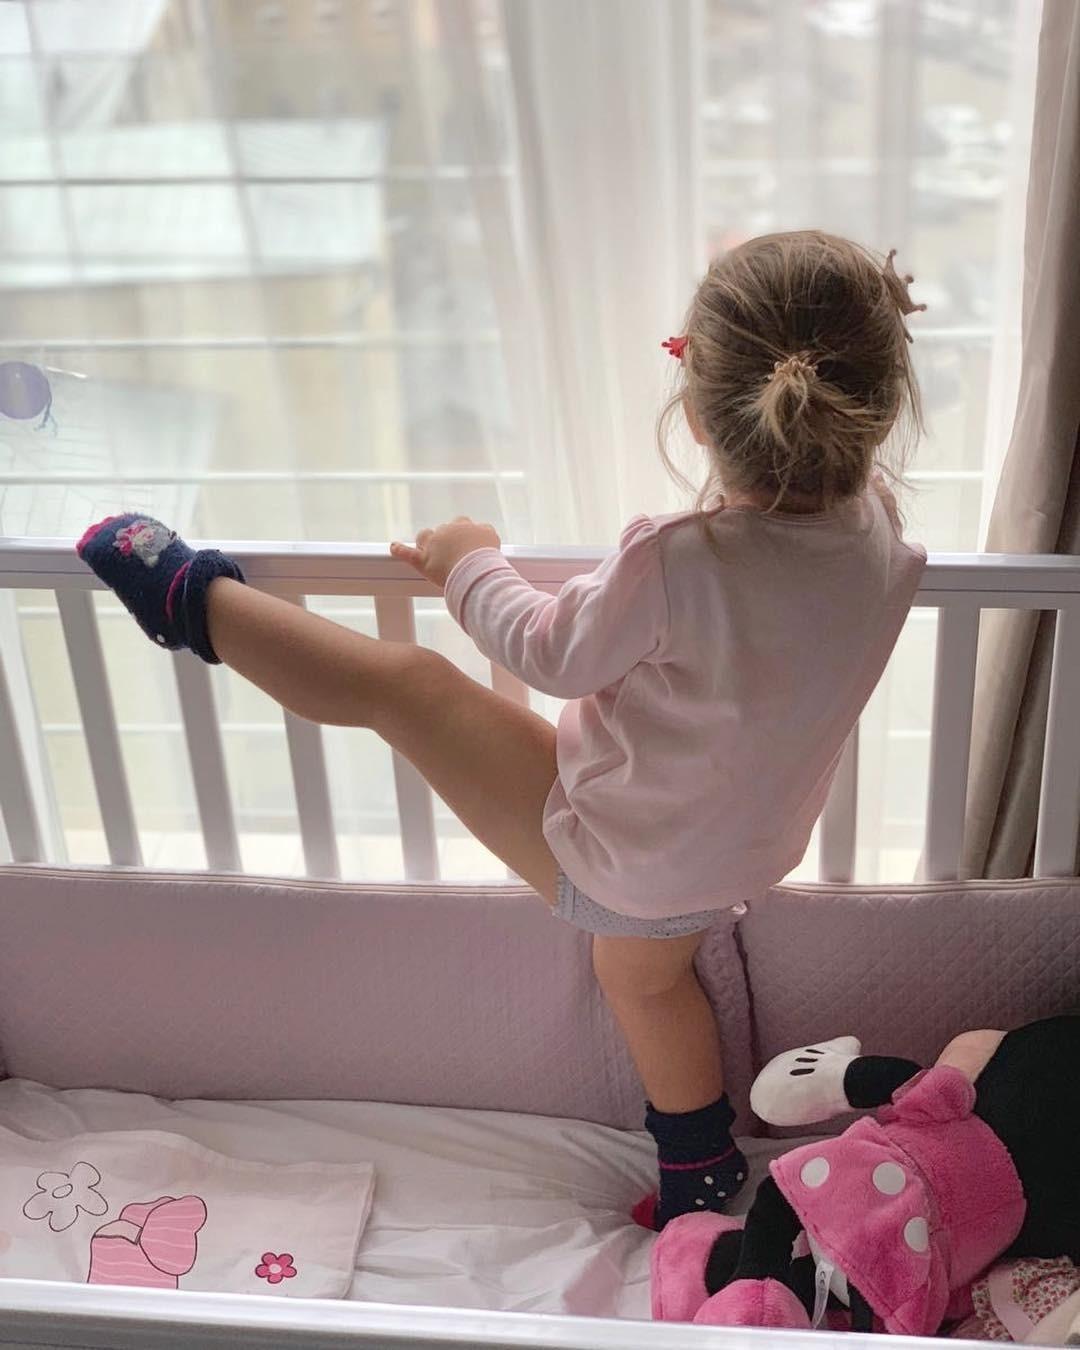 В кадре Мия стоит в кроватке, подняв ногу очень высоко. Как будто делает растяжку. «Моя маленькая балерина», - подписала фото Полина. Поклонники осыпали наследницу звезды комплиментами....